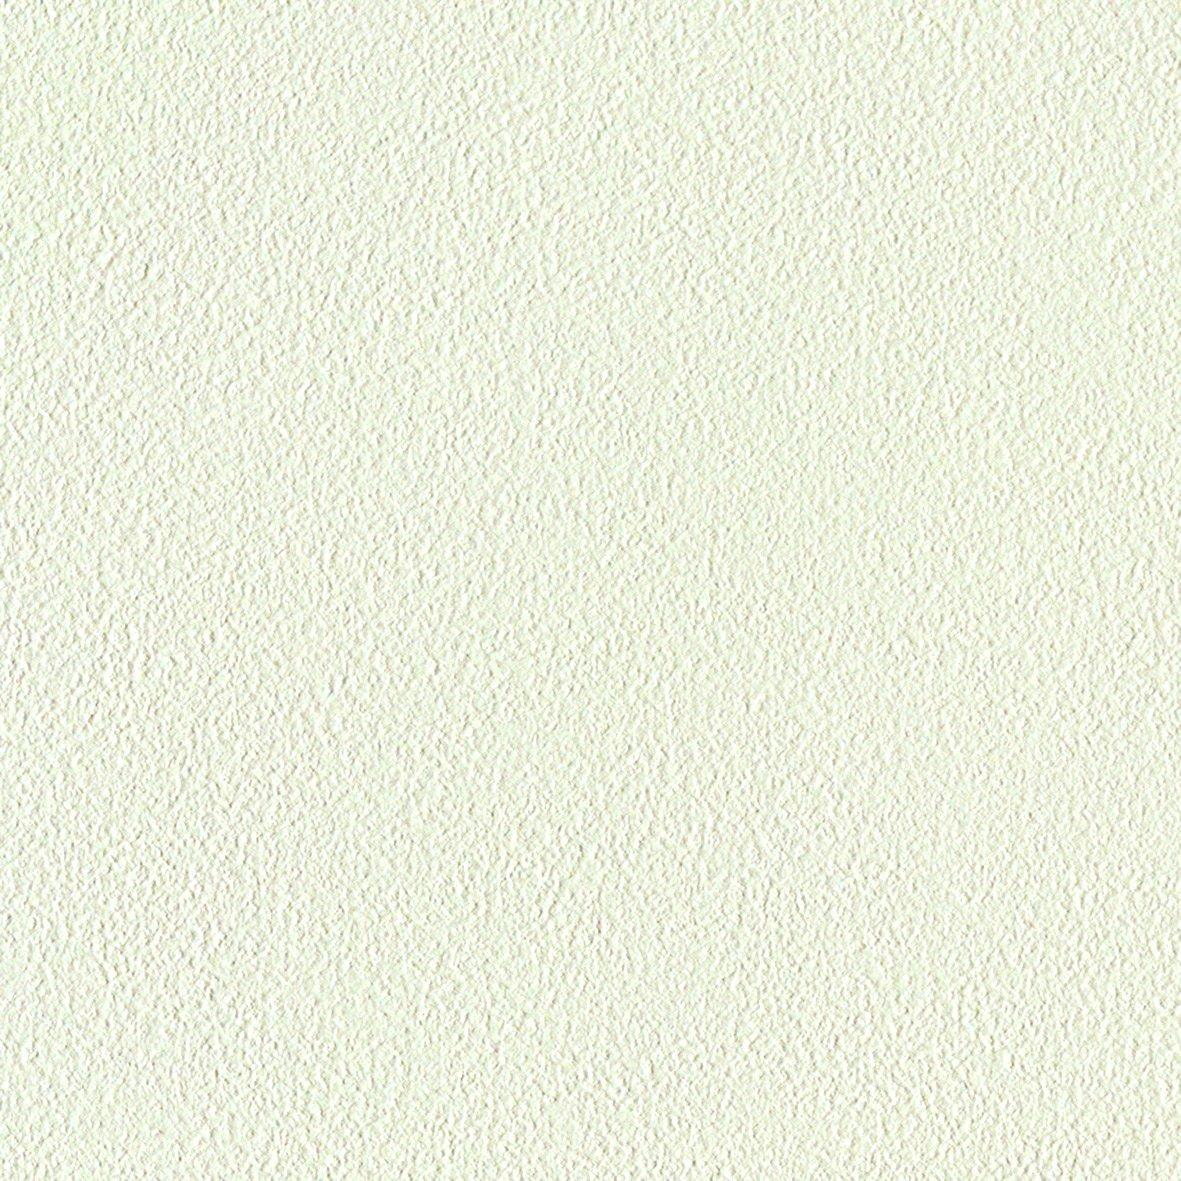 リリカラ 壁紙49m フェミニン 石目調 グリーン カラーバリエーション LV-6171 B01IHHCLY0 49m|グリーン